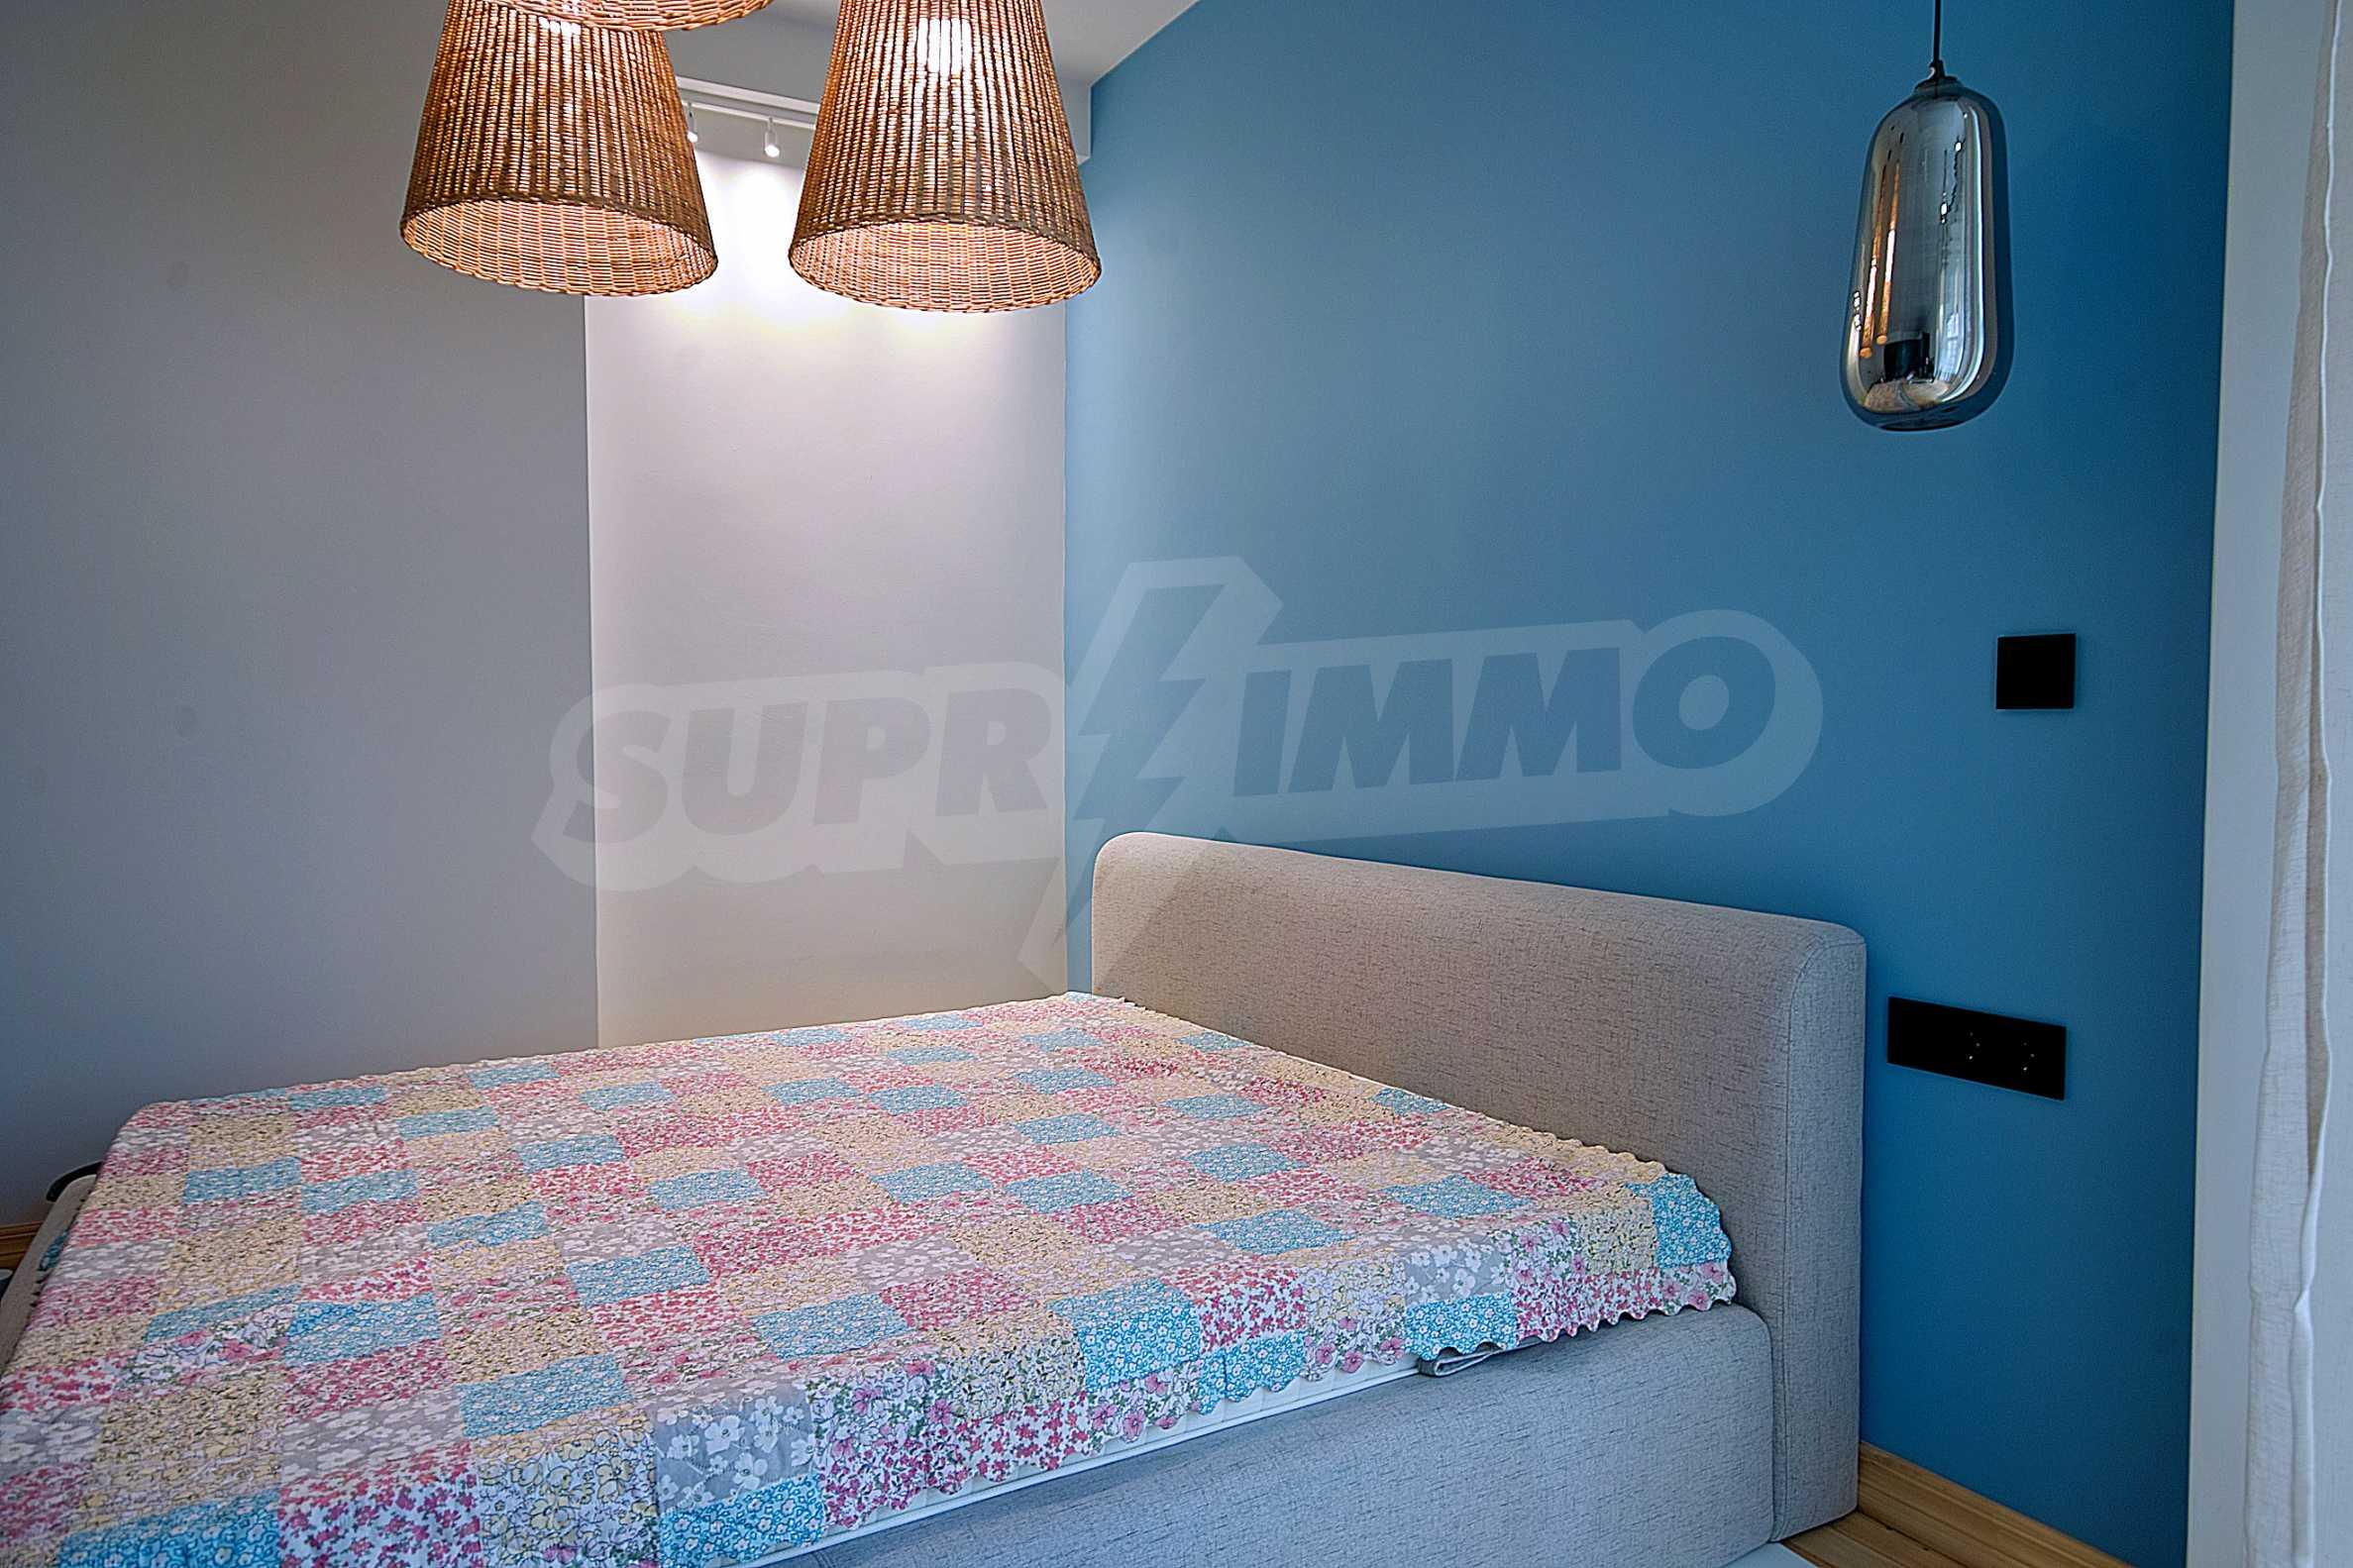 Möblierte Wohnung mit zwei Schlafzimmern in der Mitte 8